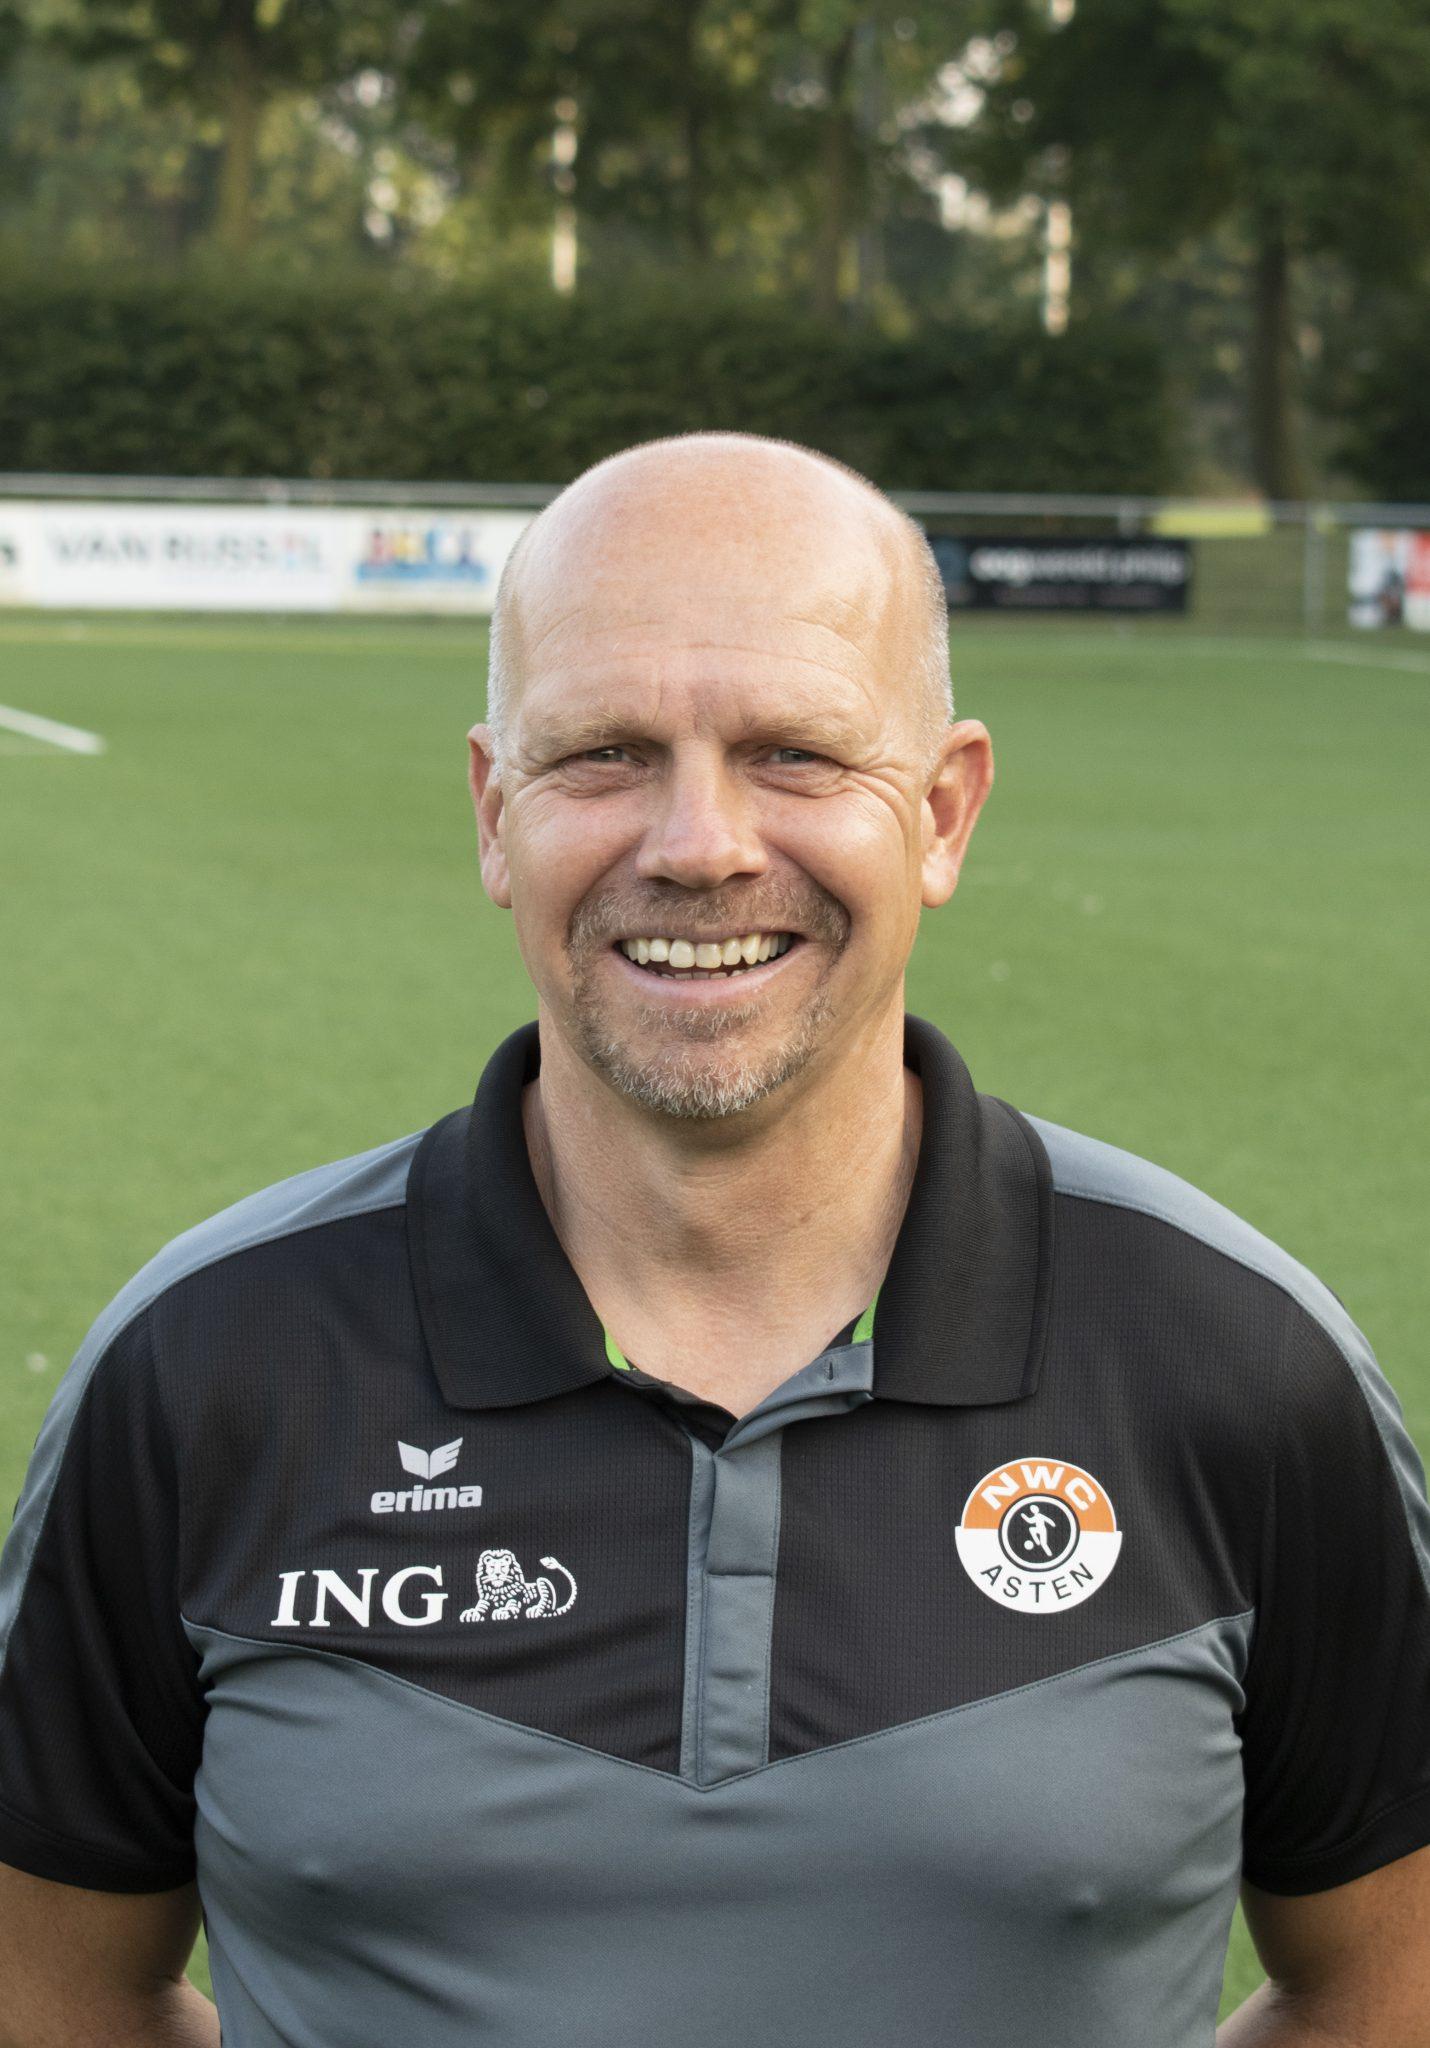 Hoofdtrainer Ruud Vermeer stopt per direct bij NWC